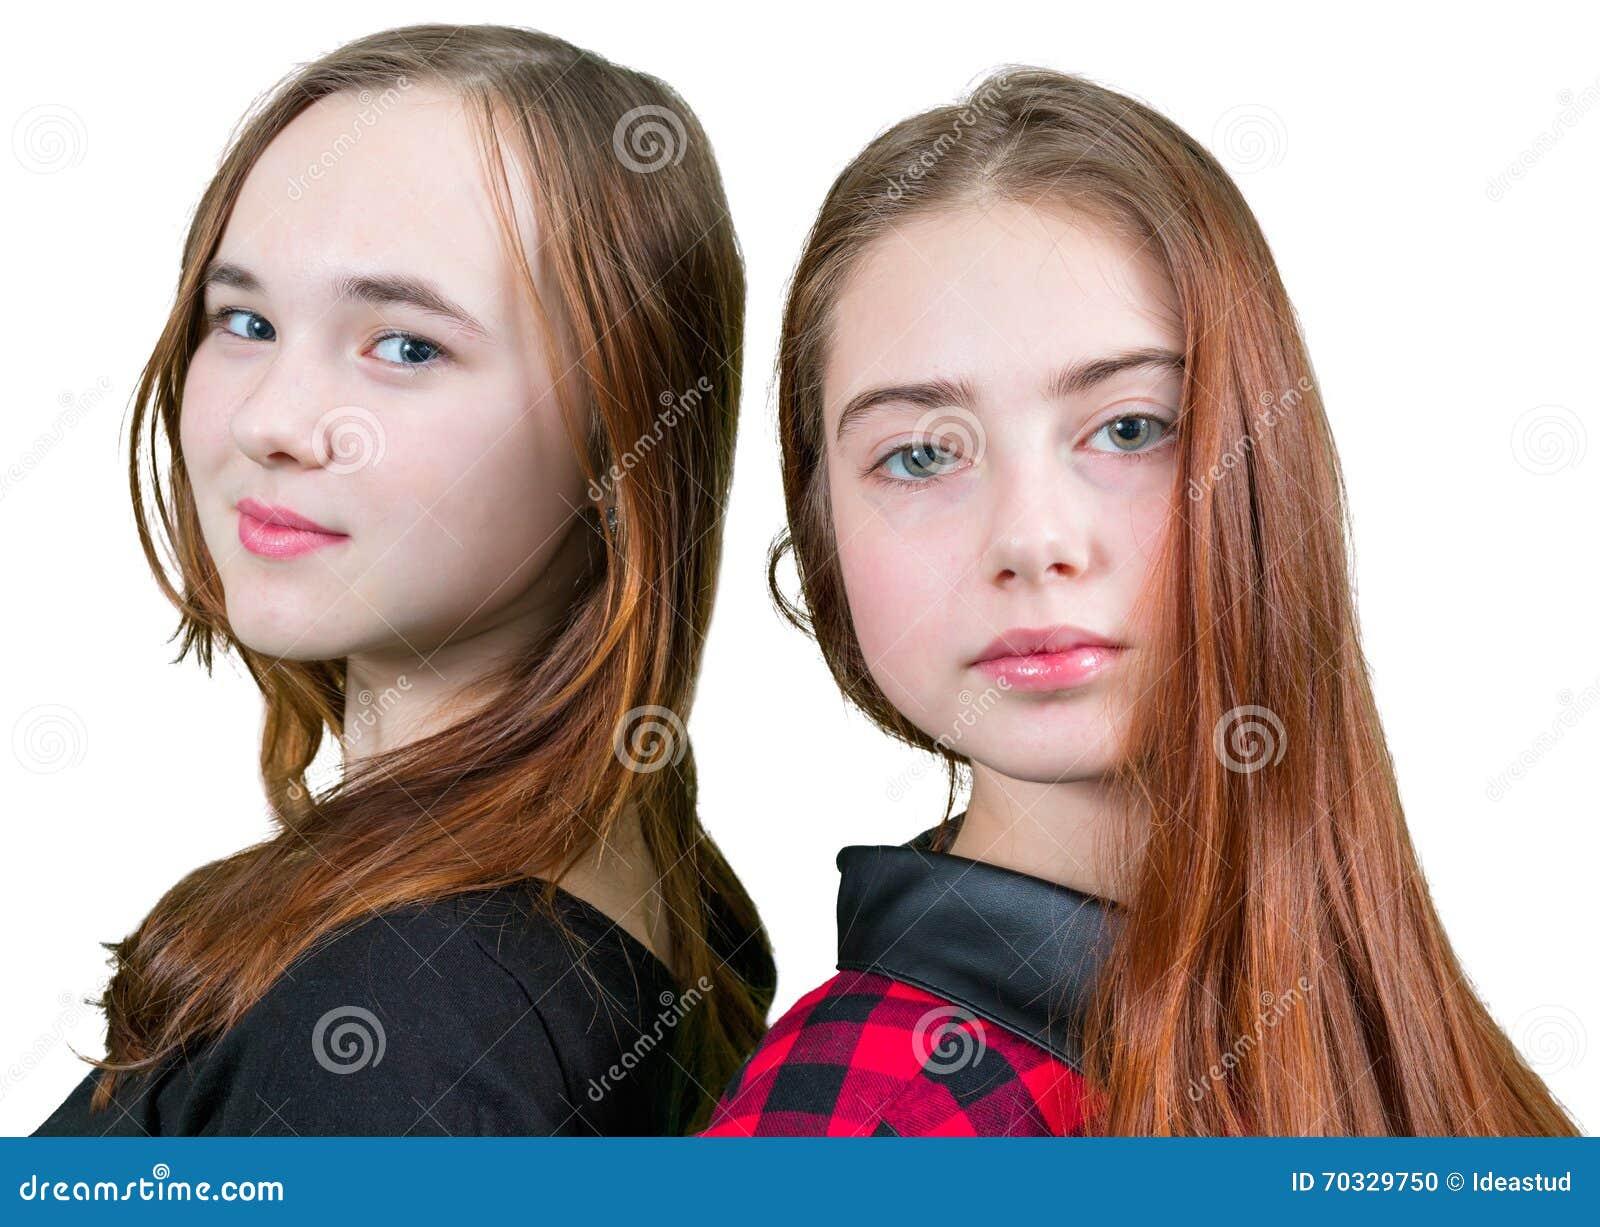 49275521f22 Duas Meninas Adolescentes Bonitas Na Roupa Vermelha E Preta Foto de ...